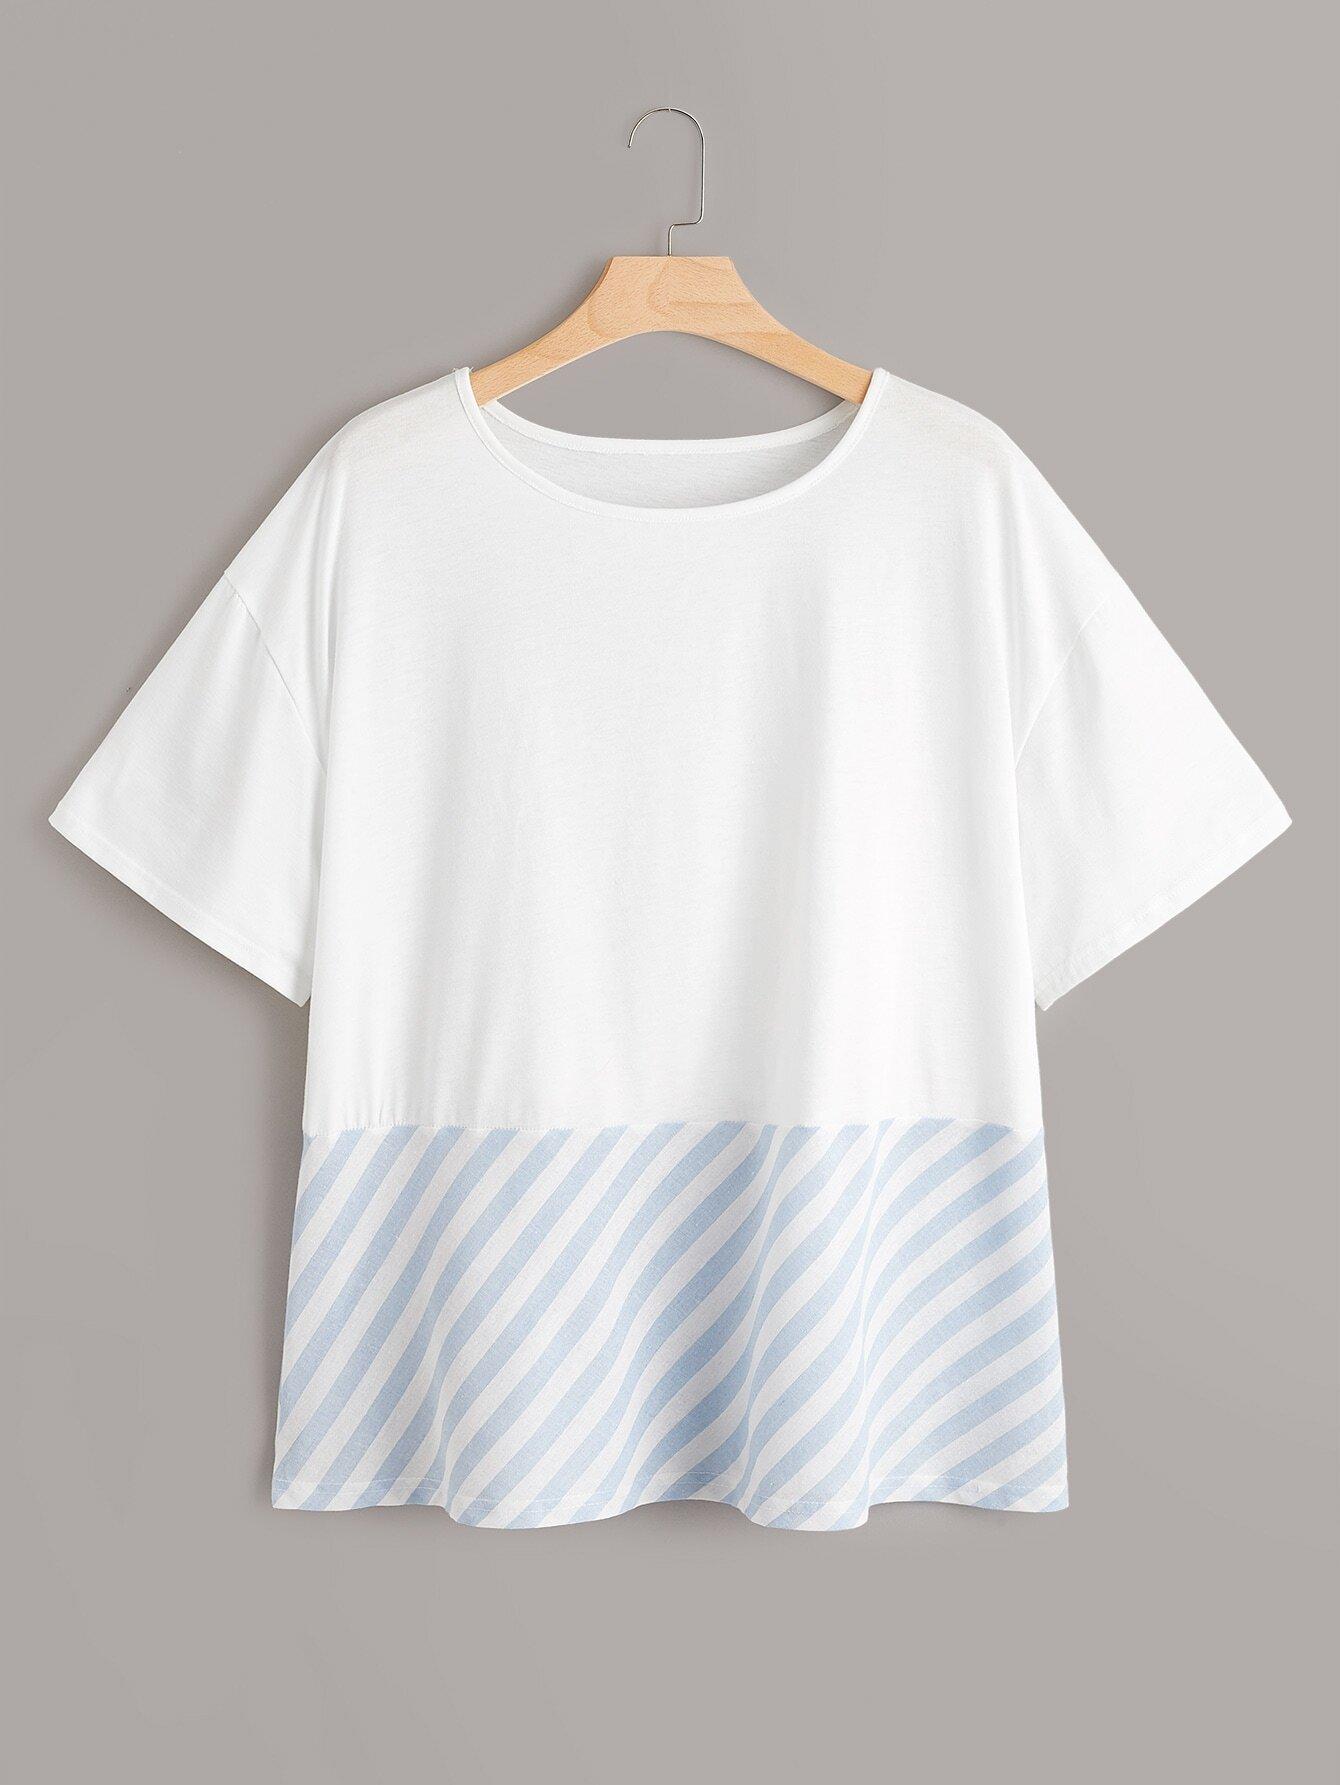 Фото - Контрастная футболка в полоску размера плюс от SheIn цвет многихцветные